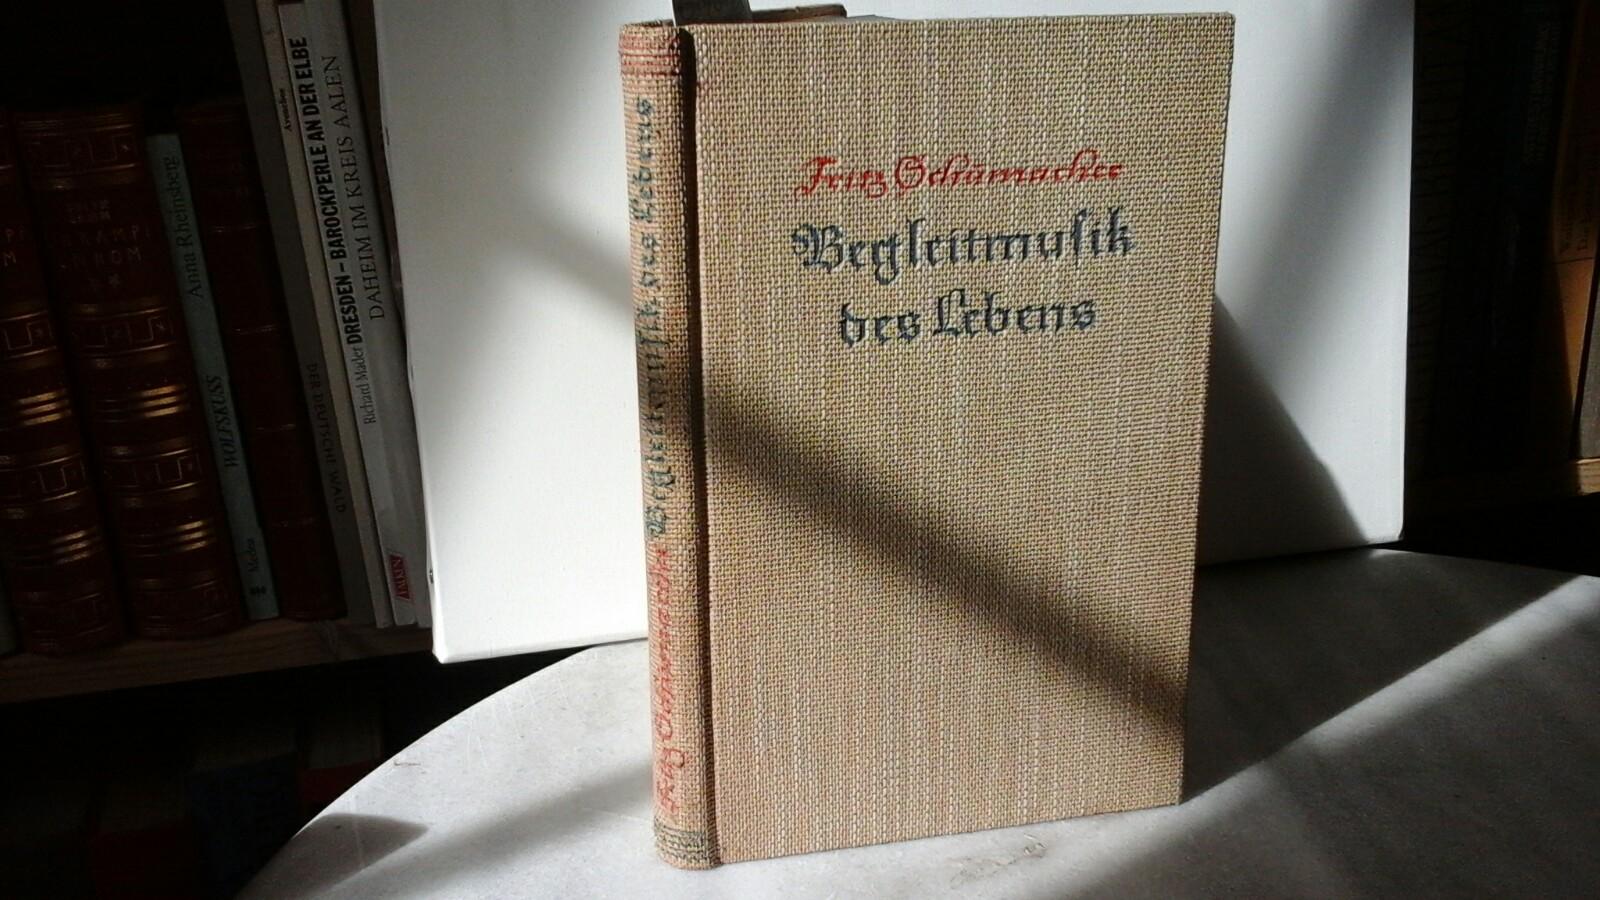 SCHUMACHER, FRITZ: Begleitmusik des Lebens. Ausgewählte Gedichte. Erste /1./ Ausgabe.